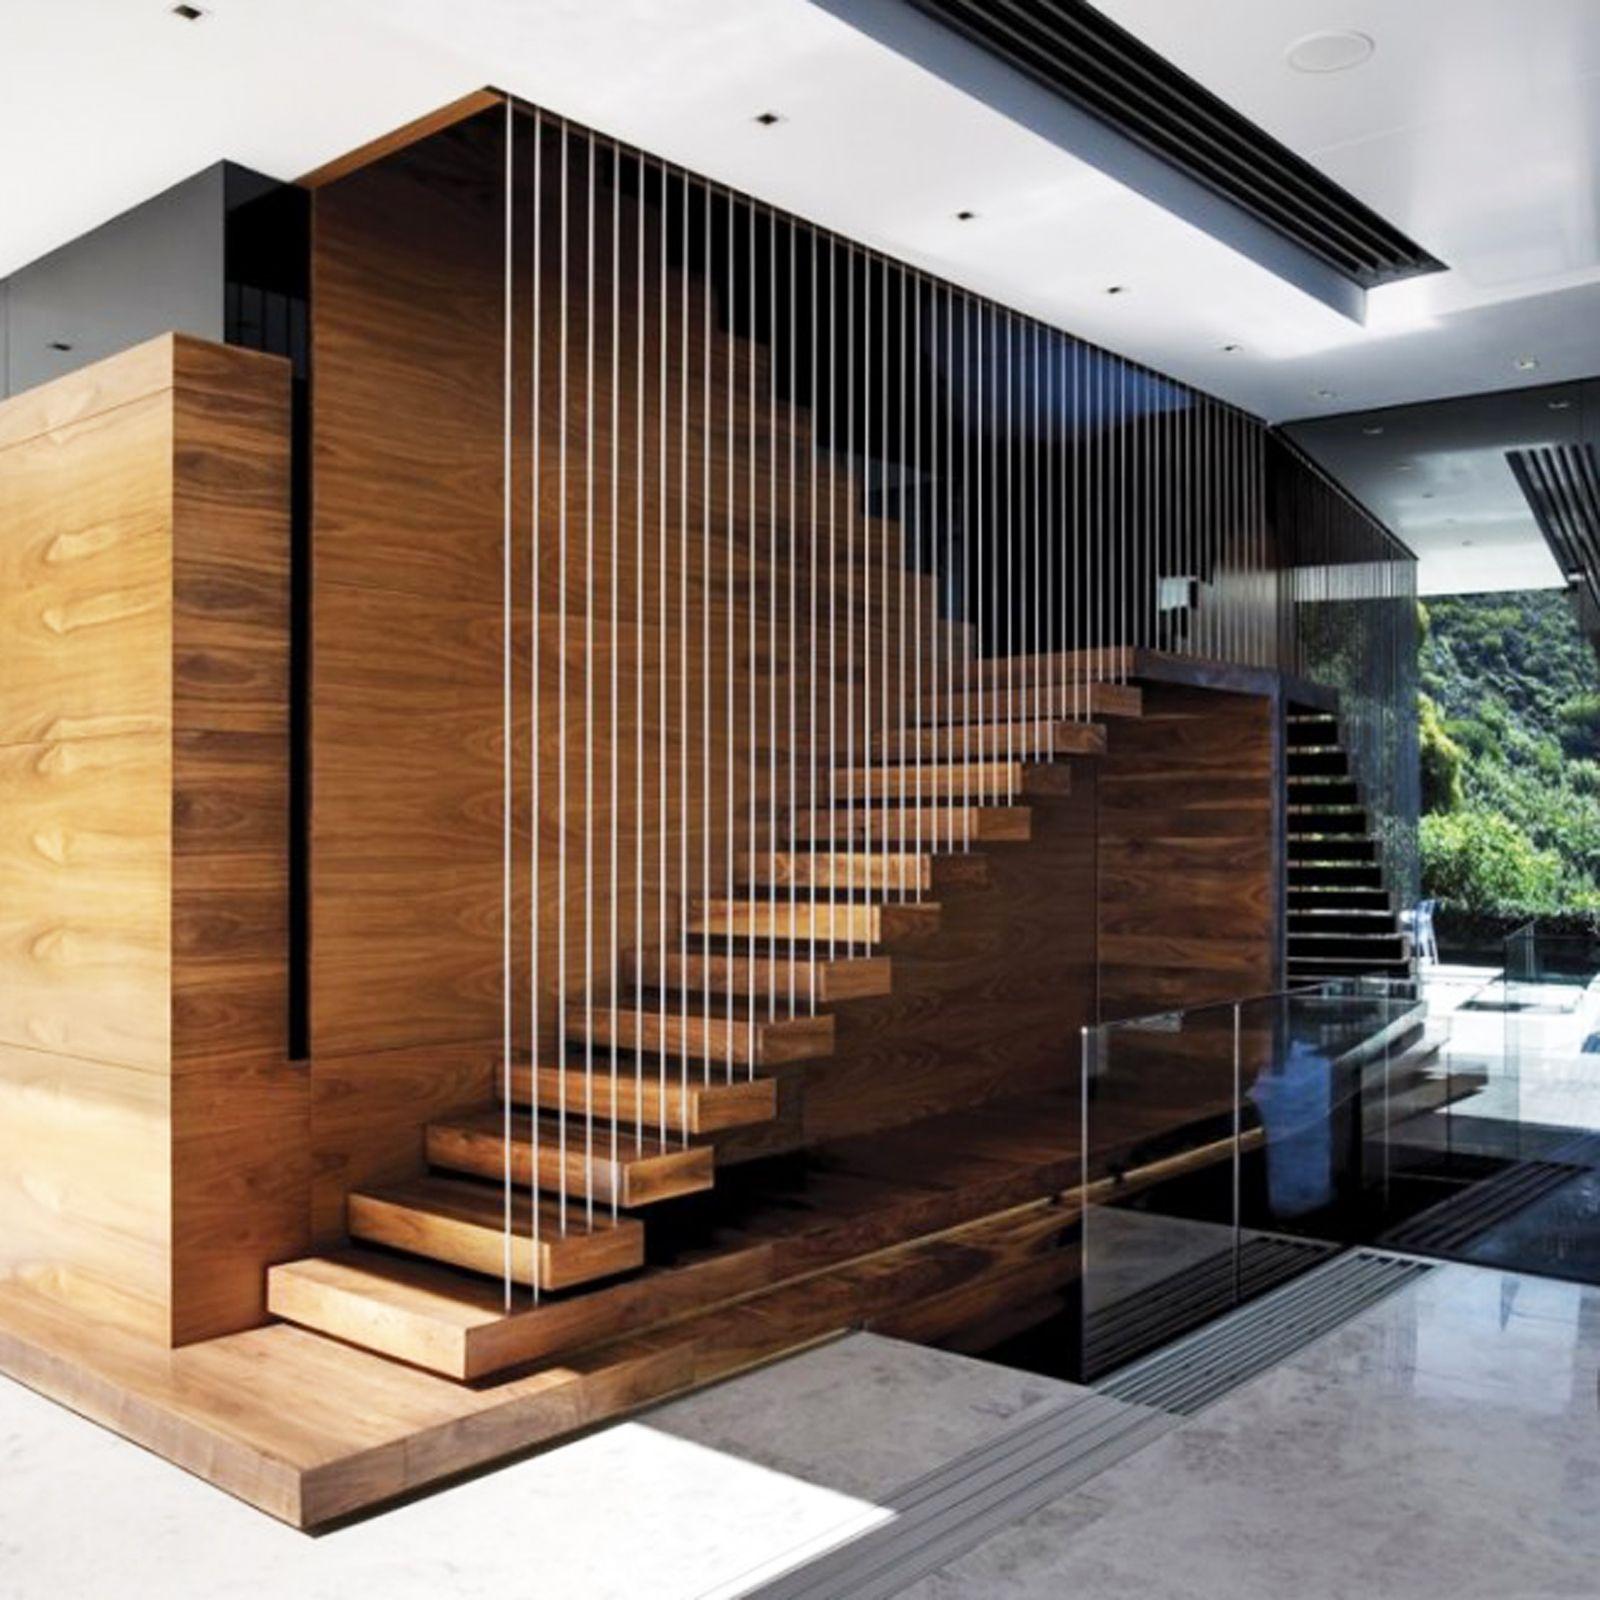 Decoration Ideas Cool Spiral Stairs Minimalist Stair Design Stair